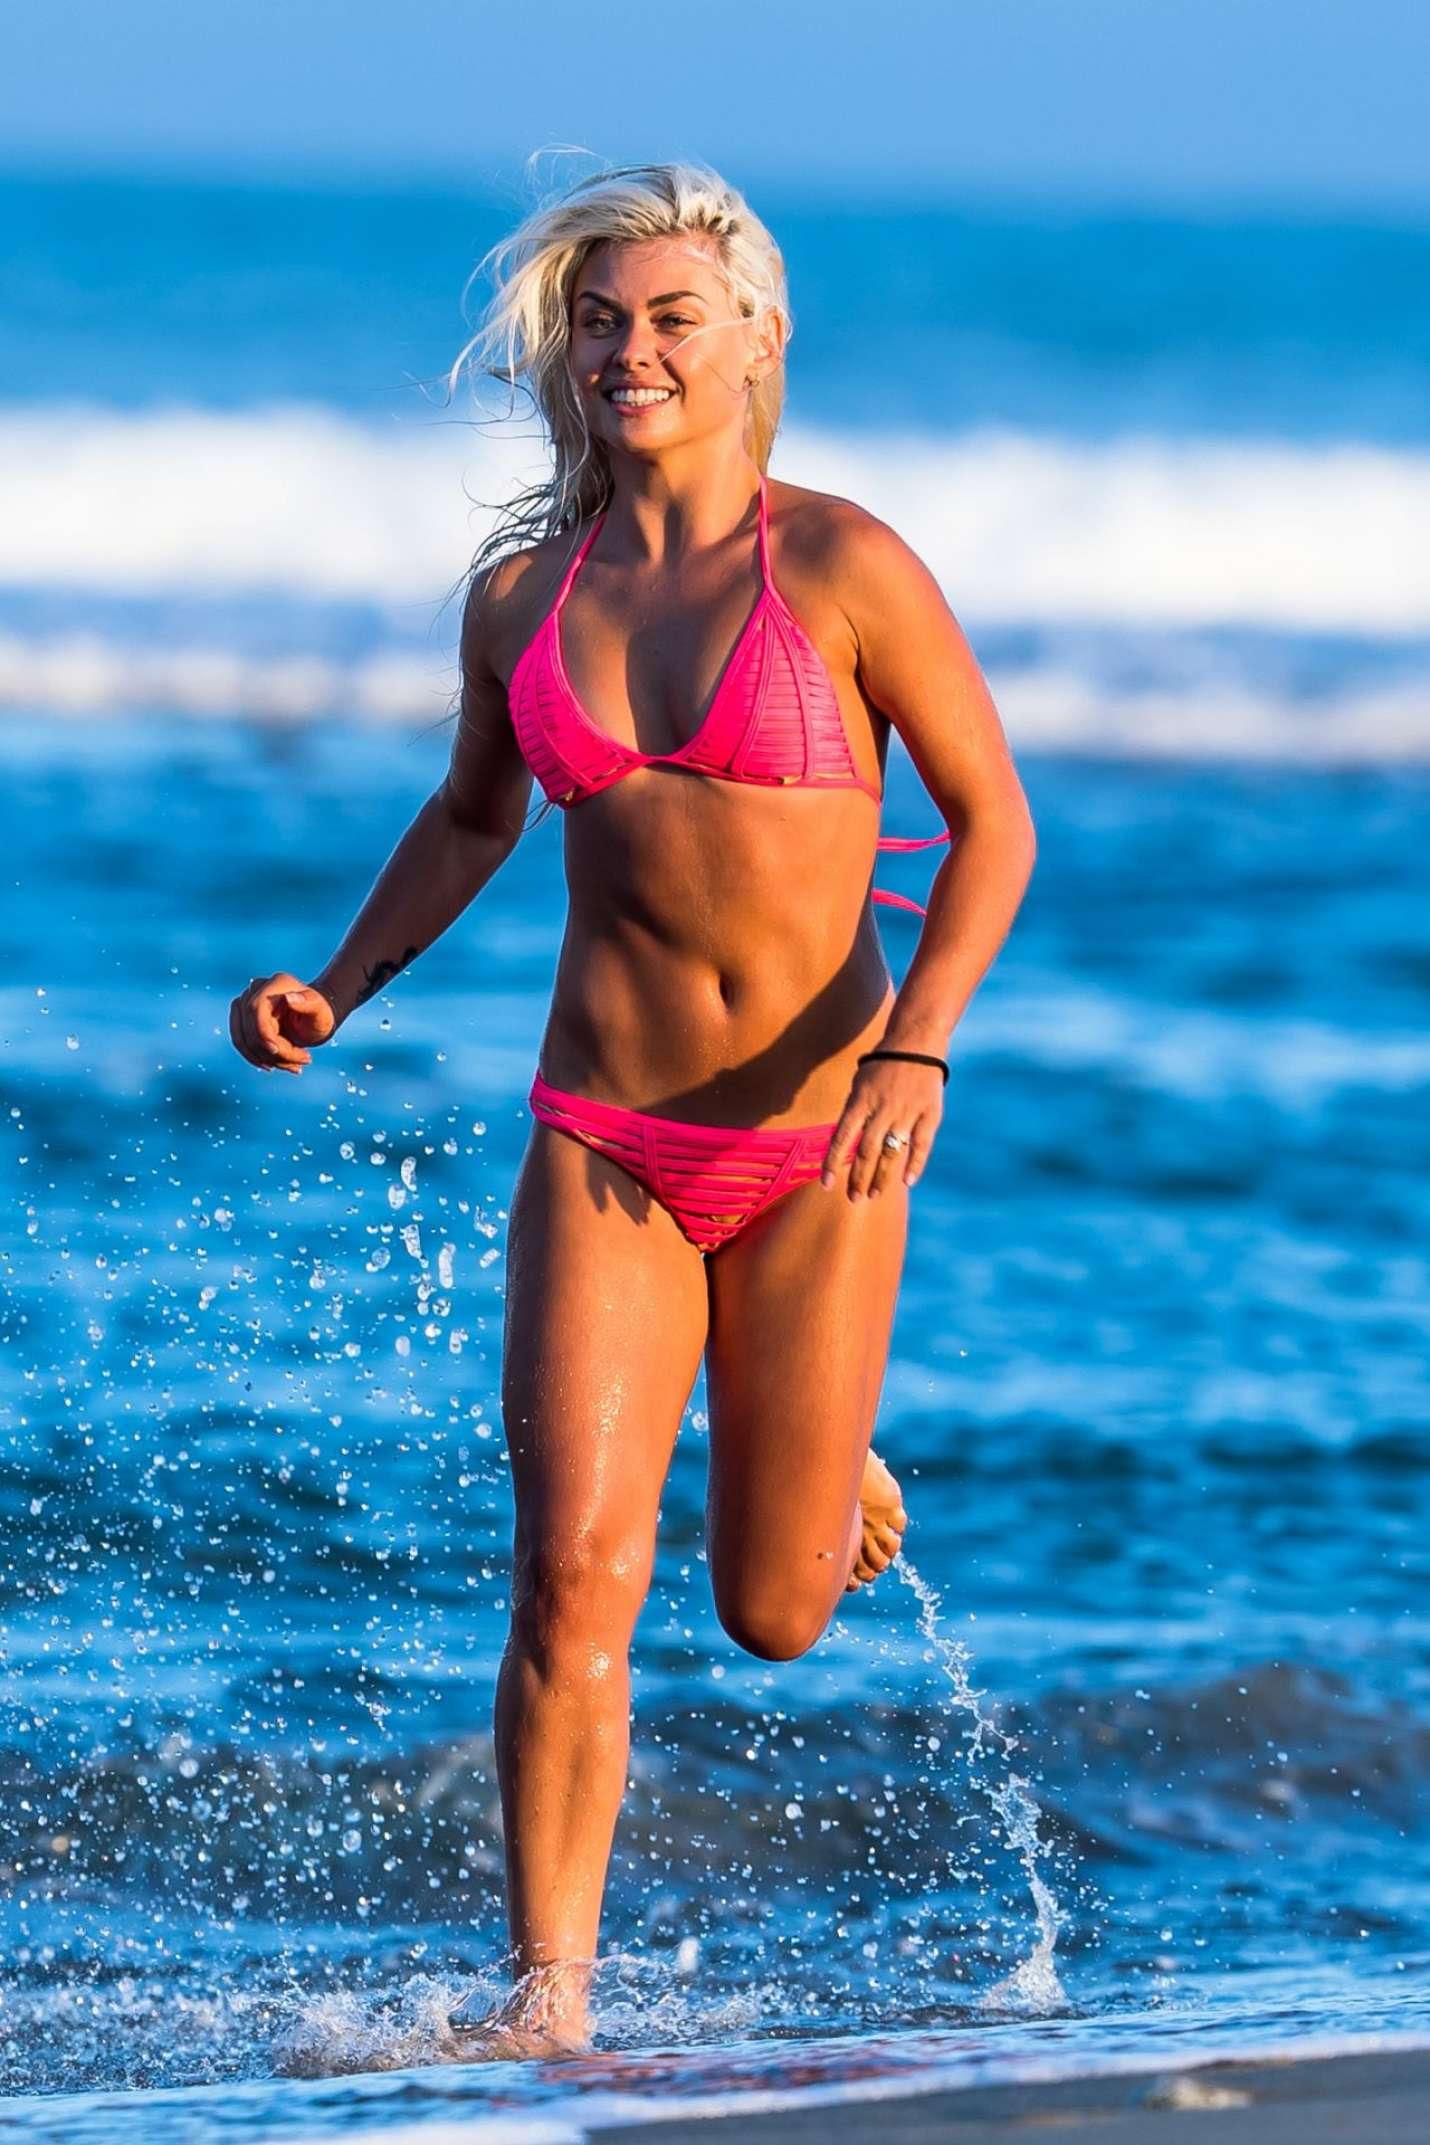 Oksana Platero in Pink Bikini on the beach in Malibu